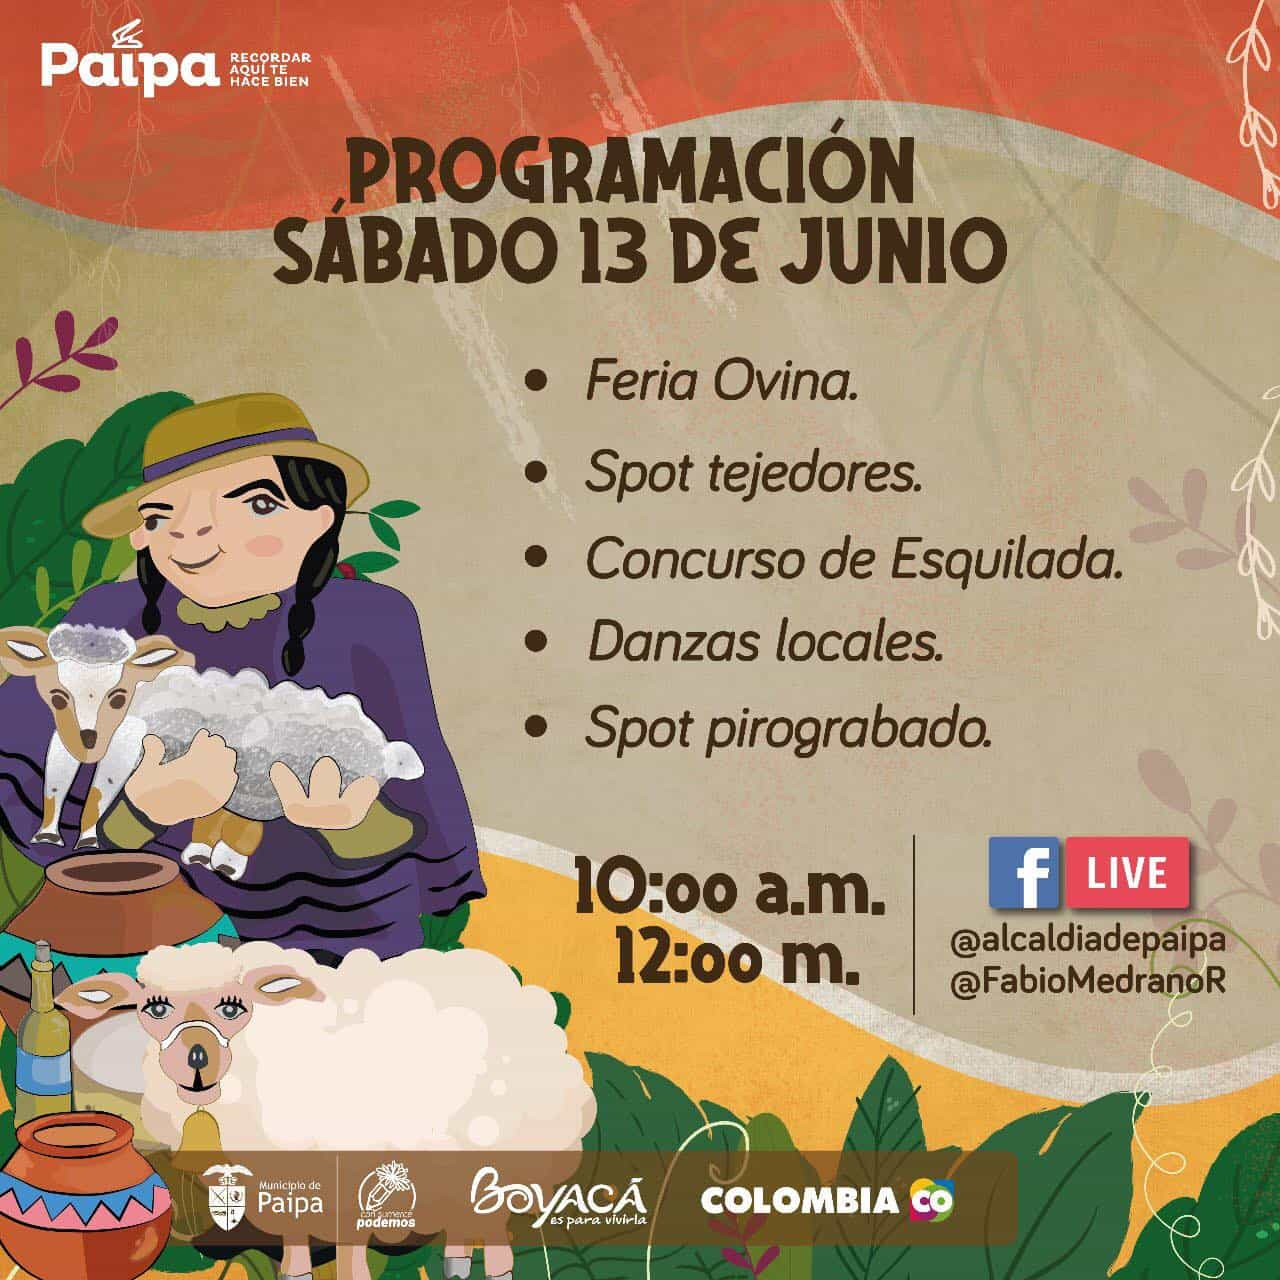 El Festival de la ruana y el pañolón, una tradición con sello Paipano. 11